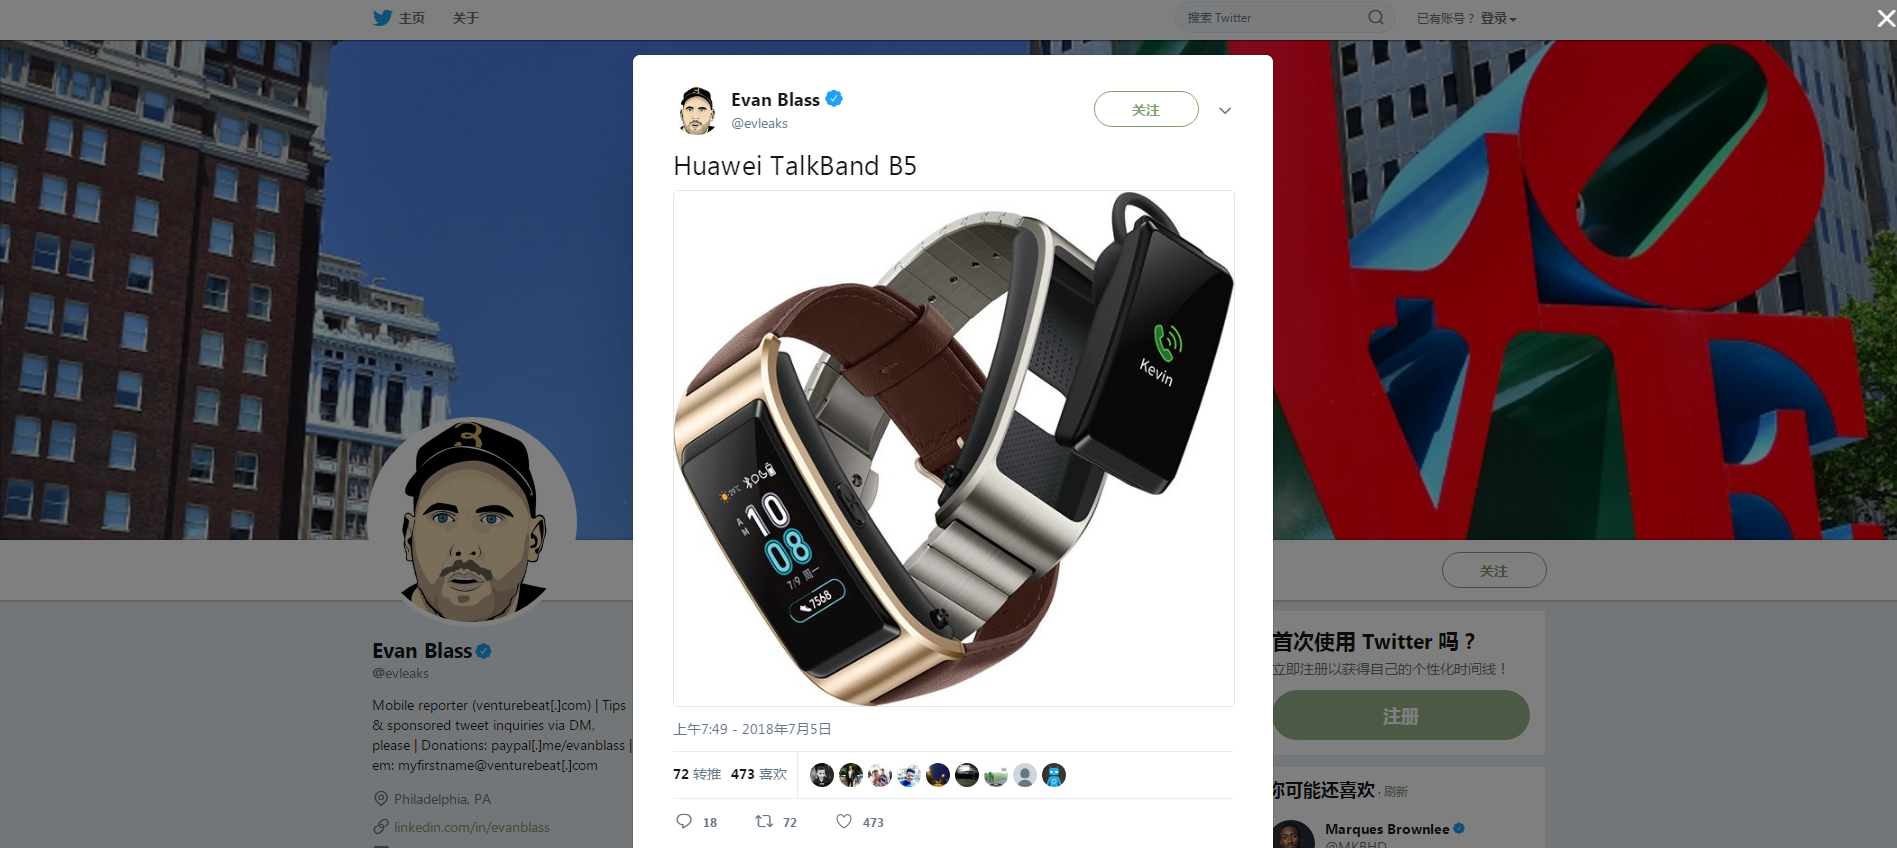 爆料称华为将于7月9日发布新手环TalkBand B5